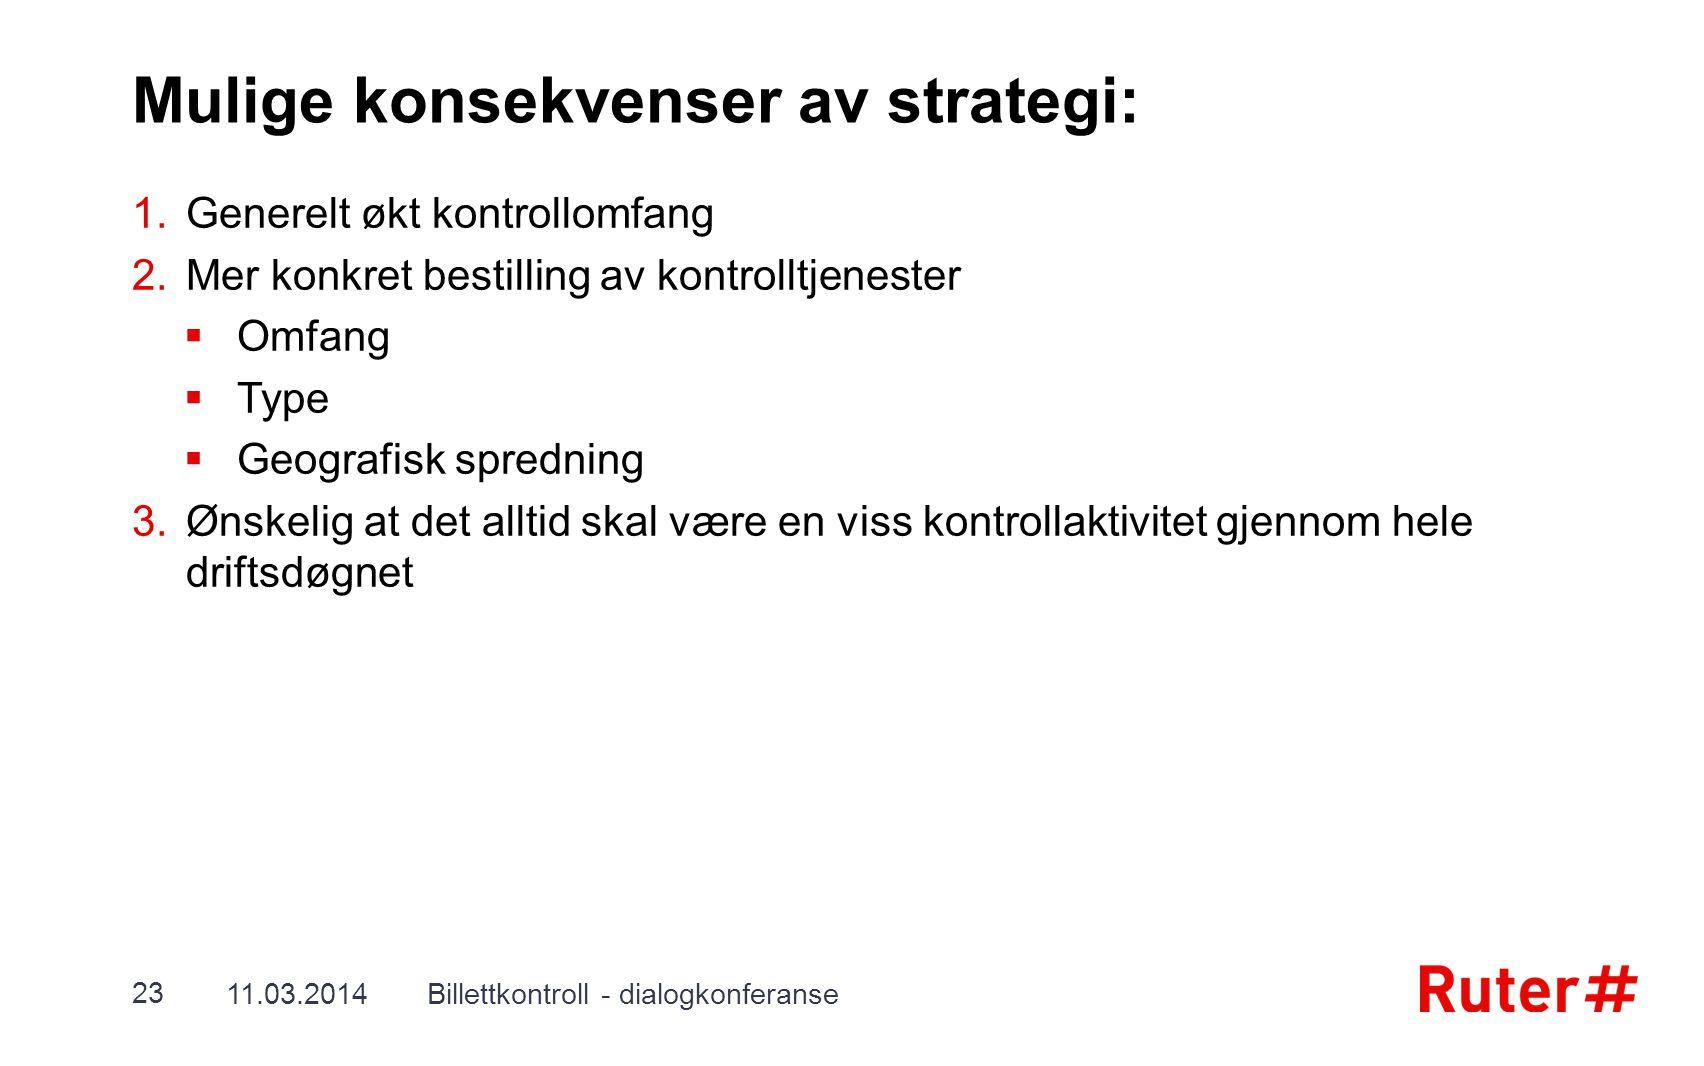 Mulige konsekvenser av strategi: